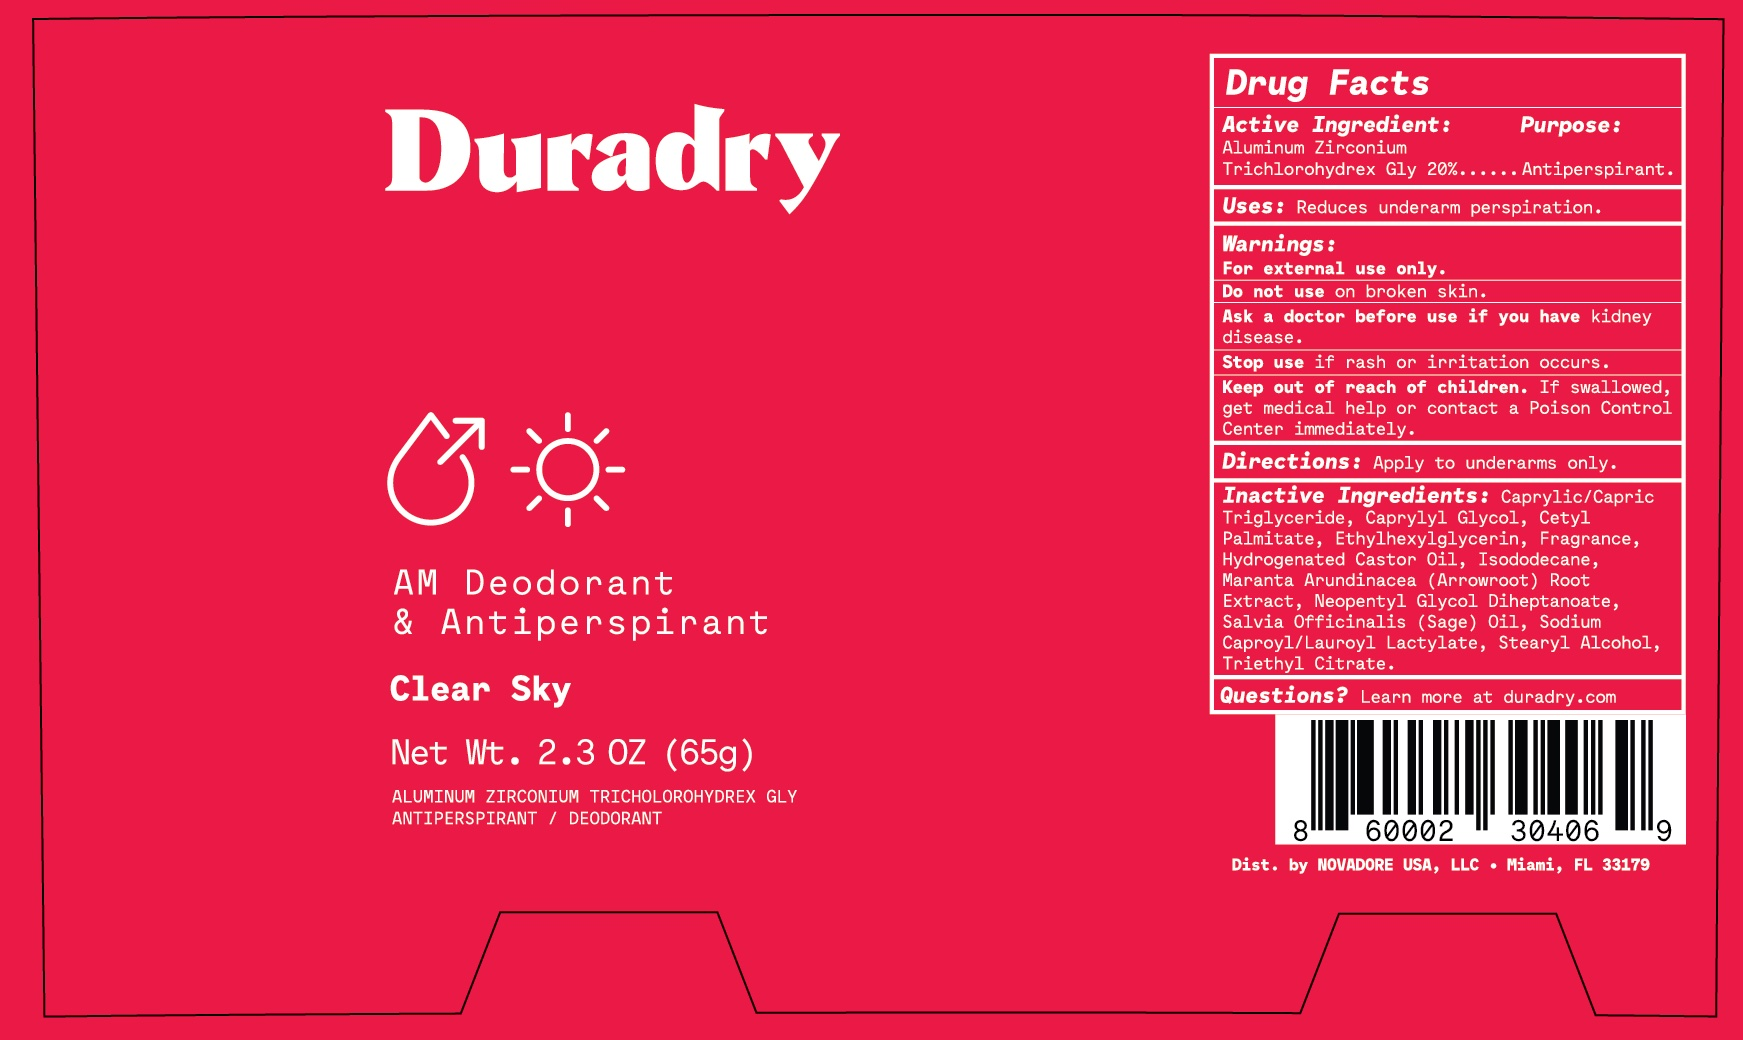 Duradry AM Clear Sky